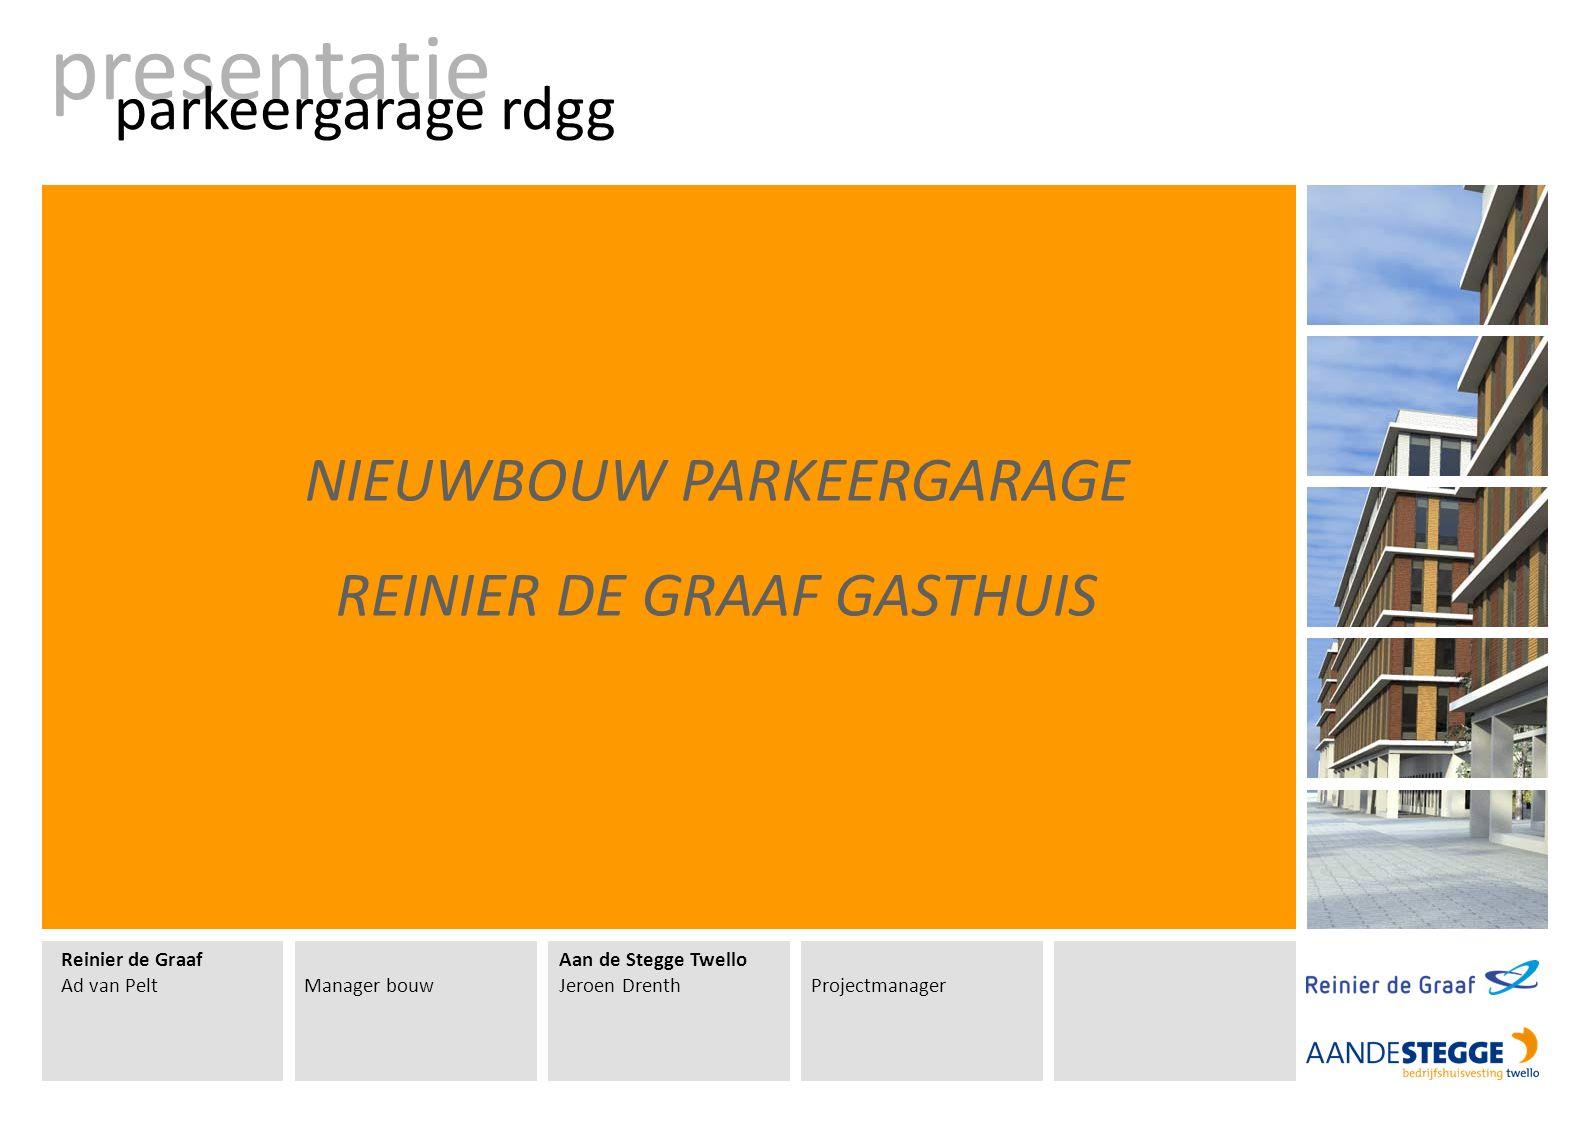 Reinier de Graaf Ad van PeltManager bouw Aan de Stegge Twello Jeroen DrenthProjectmanager presentatie parkeergarage rdgg NIEUWBOUW PARKEERGARAGE REINIER DE GRAAF GASTHUIS